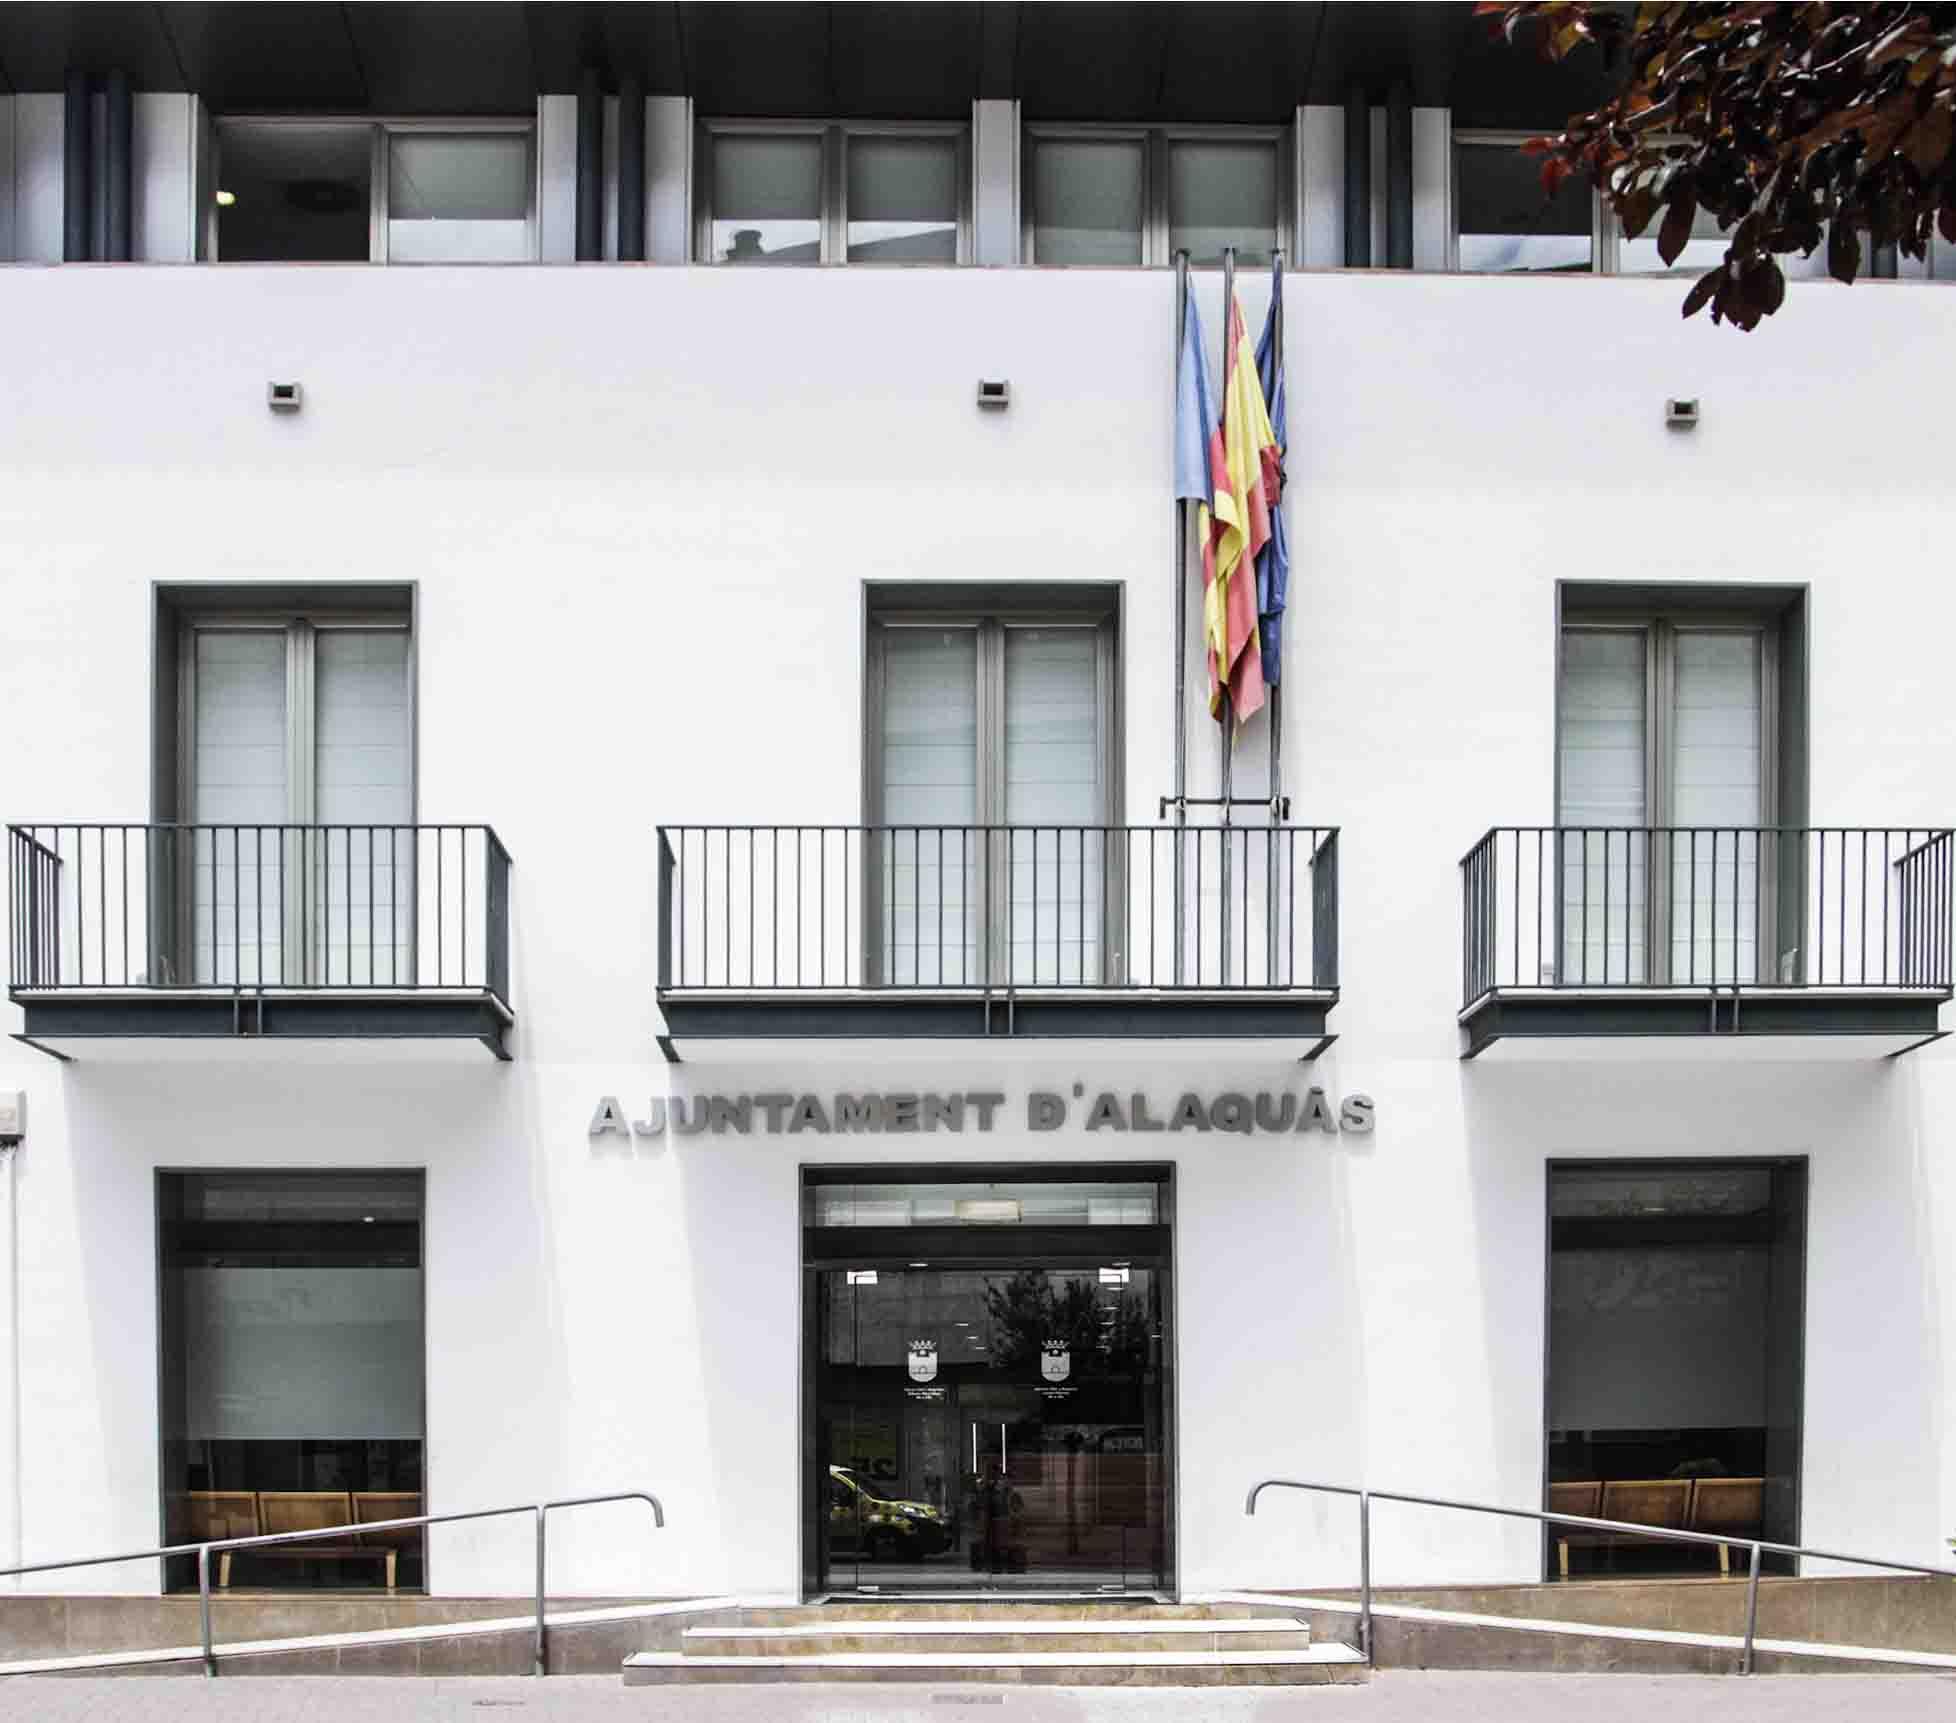 El PSPV de Alaquàs denuncia a PP, Compromís, Canviem y Esquerra Unida de anteponer sus intereses a los de la ciudadanía